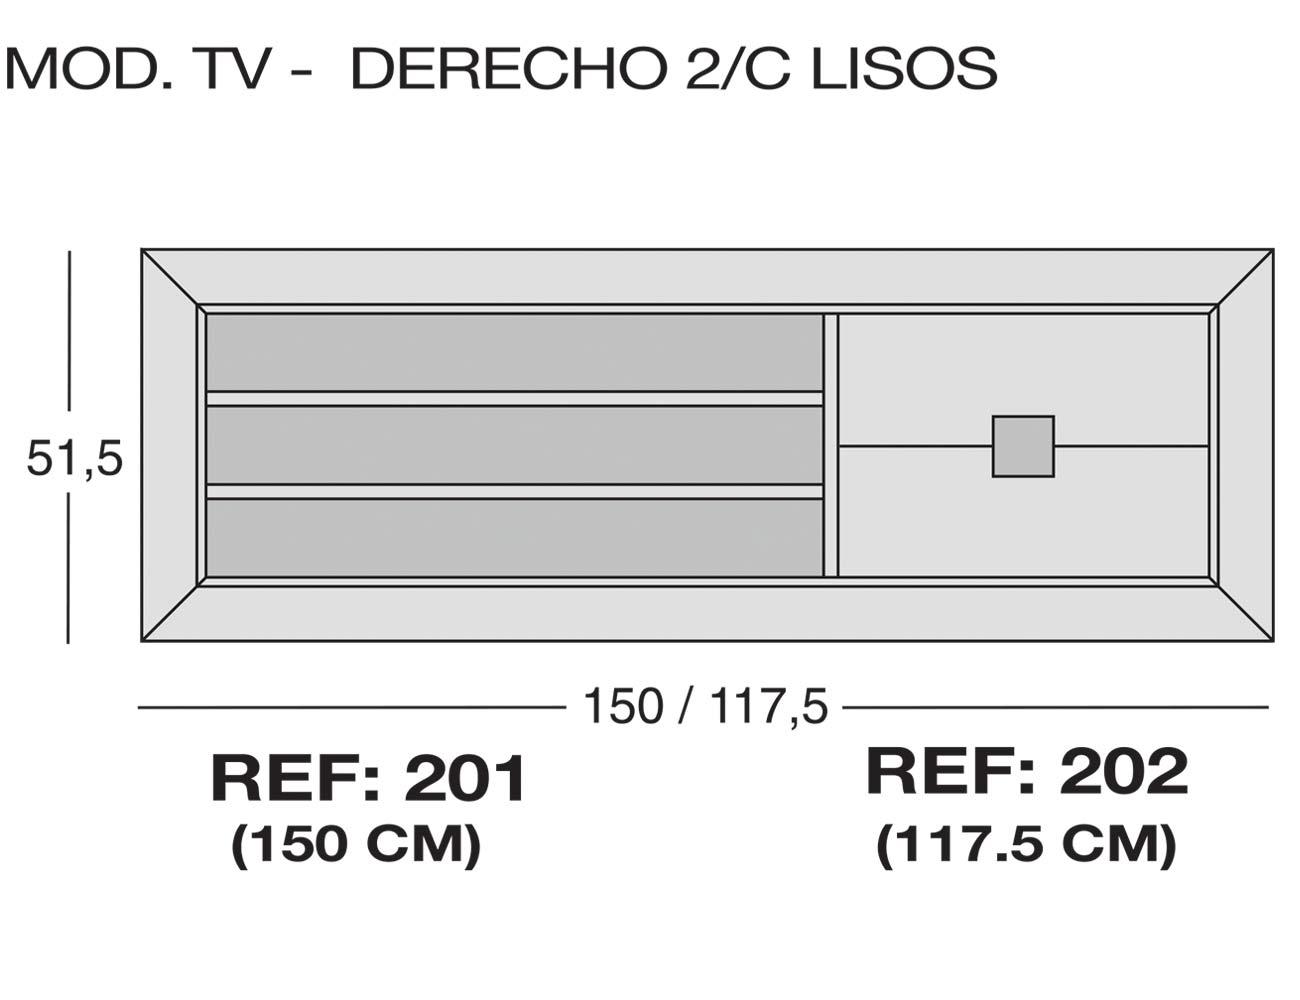 Modulo tv derecho 2c lisos 201 202